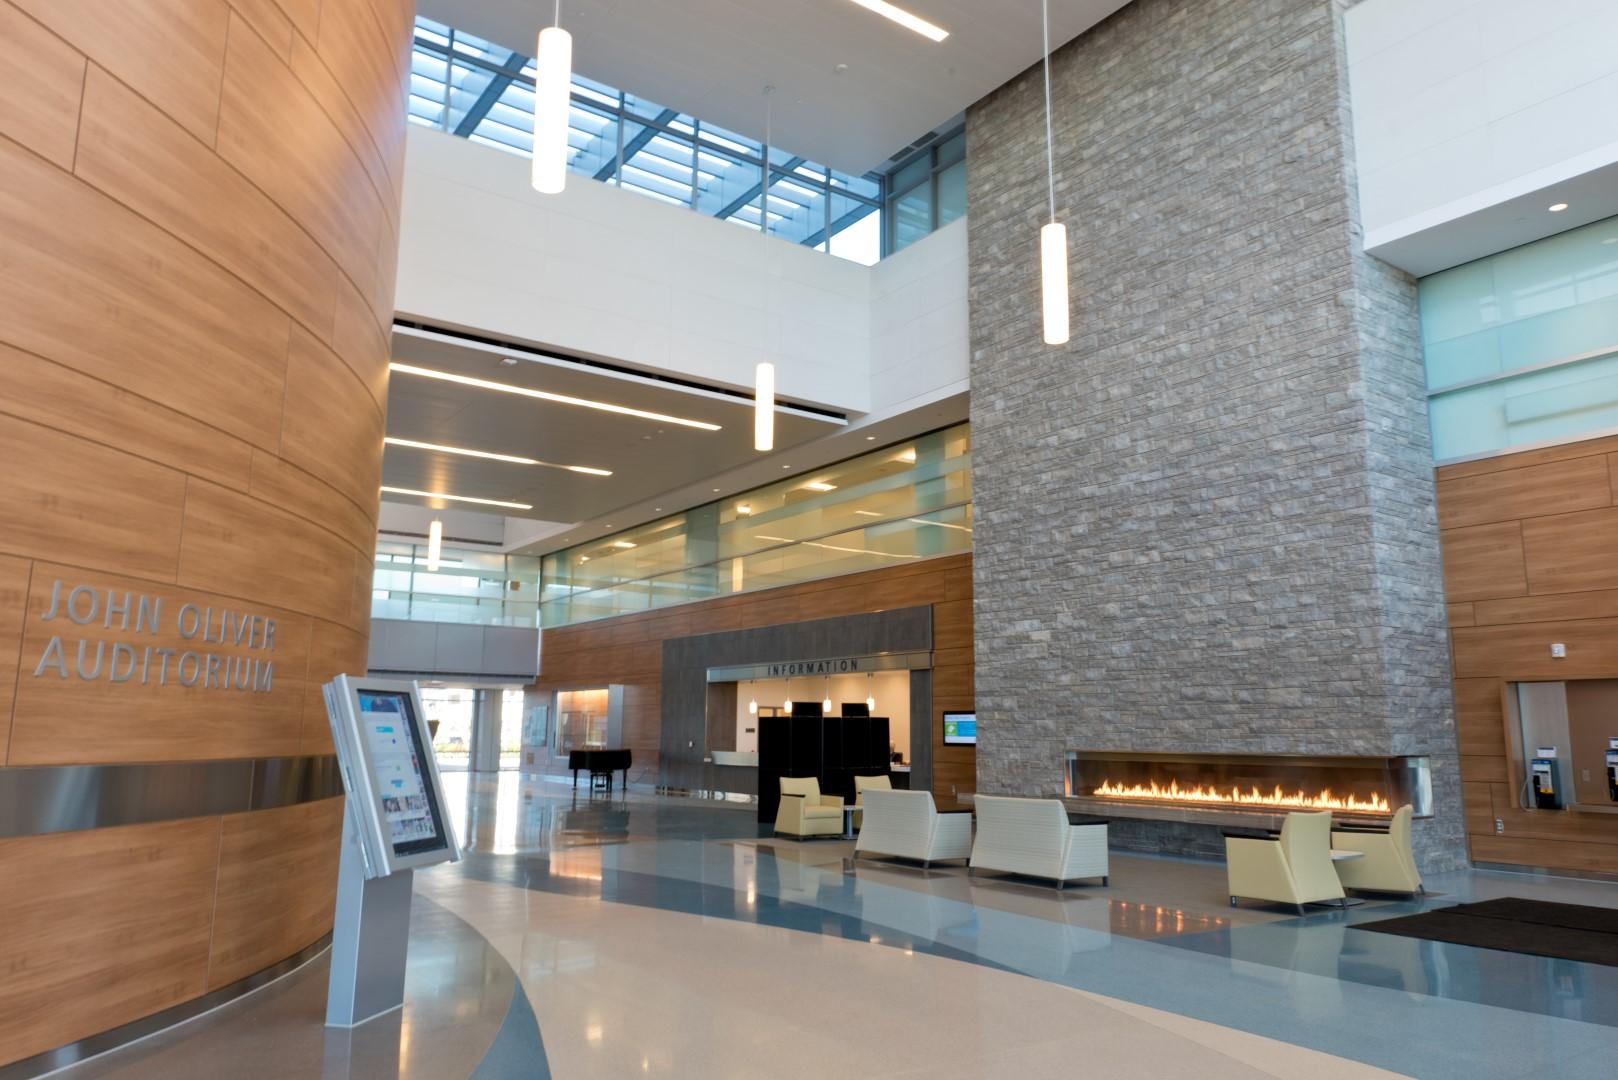 New Oakville Trafalgar Memorial Hospital Timeline | Design ...